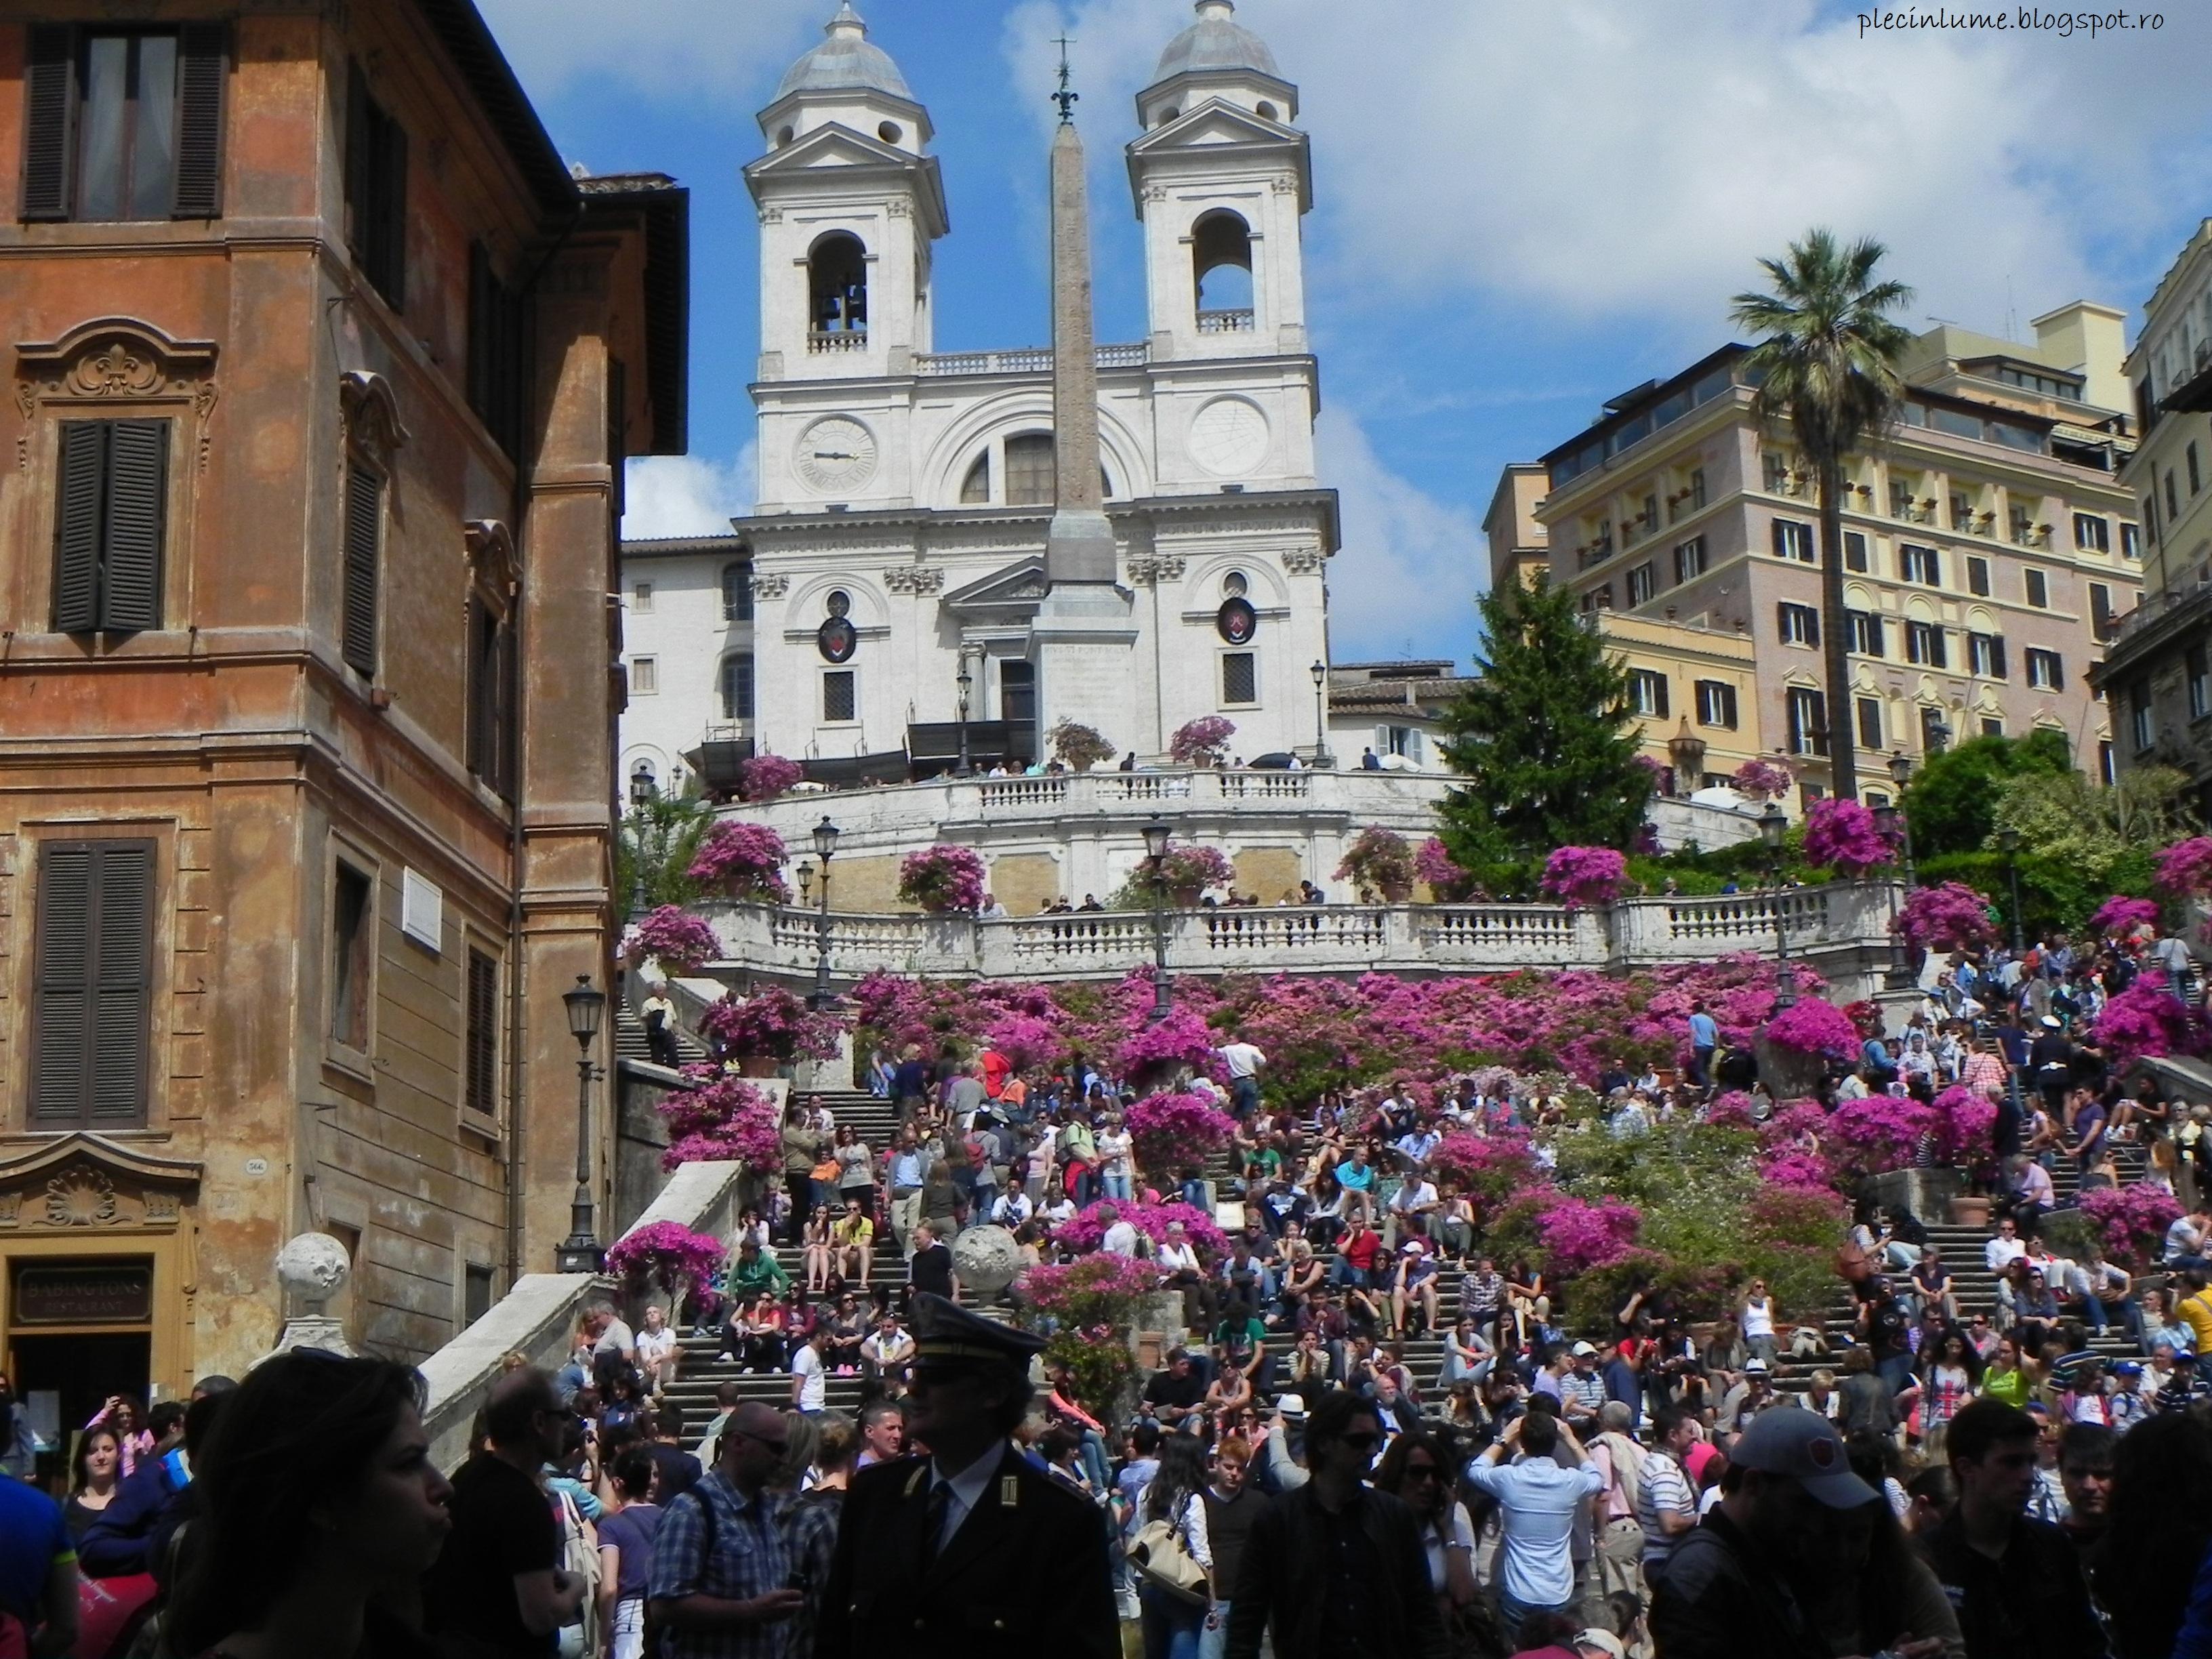 Piete frumoase de vazut in Roma